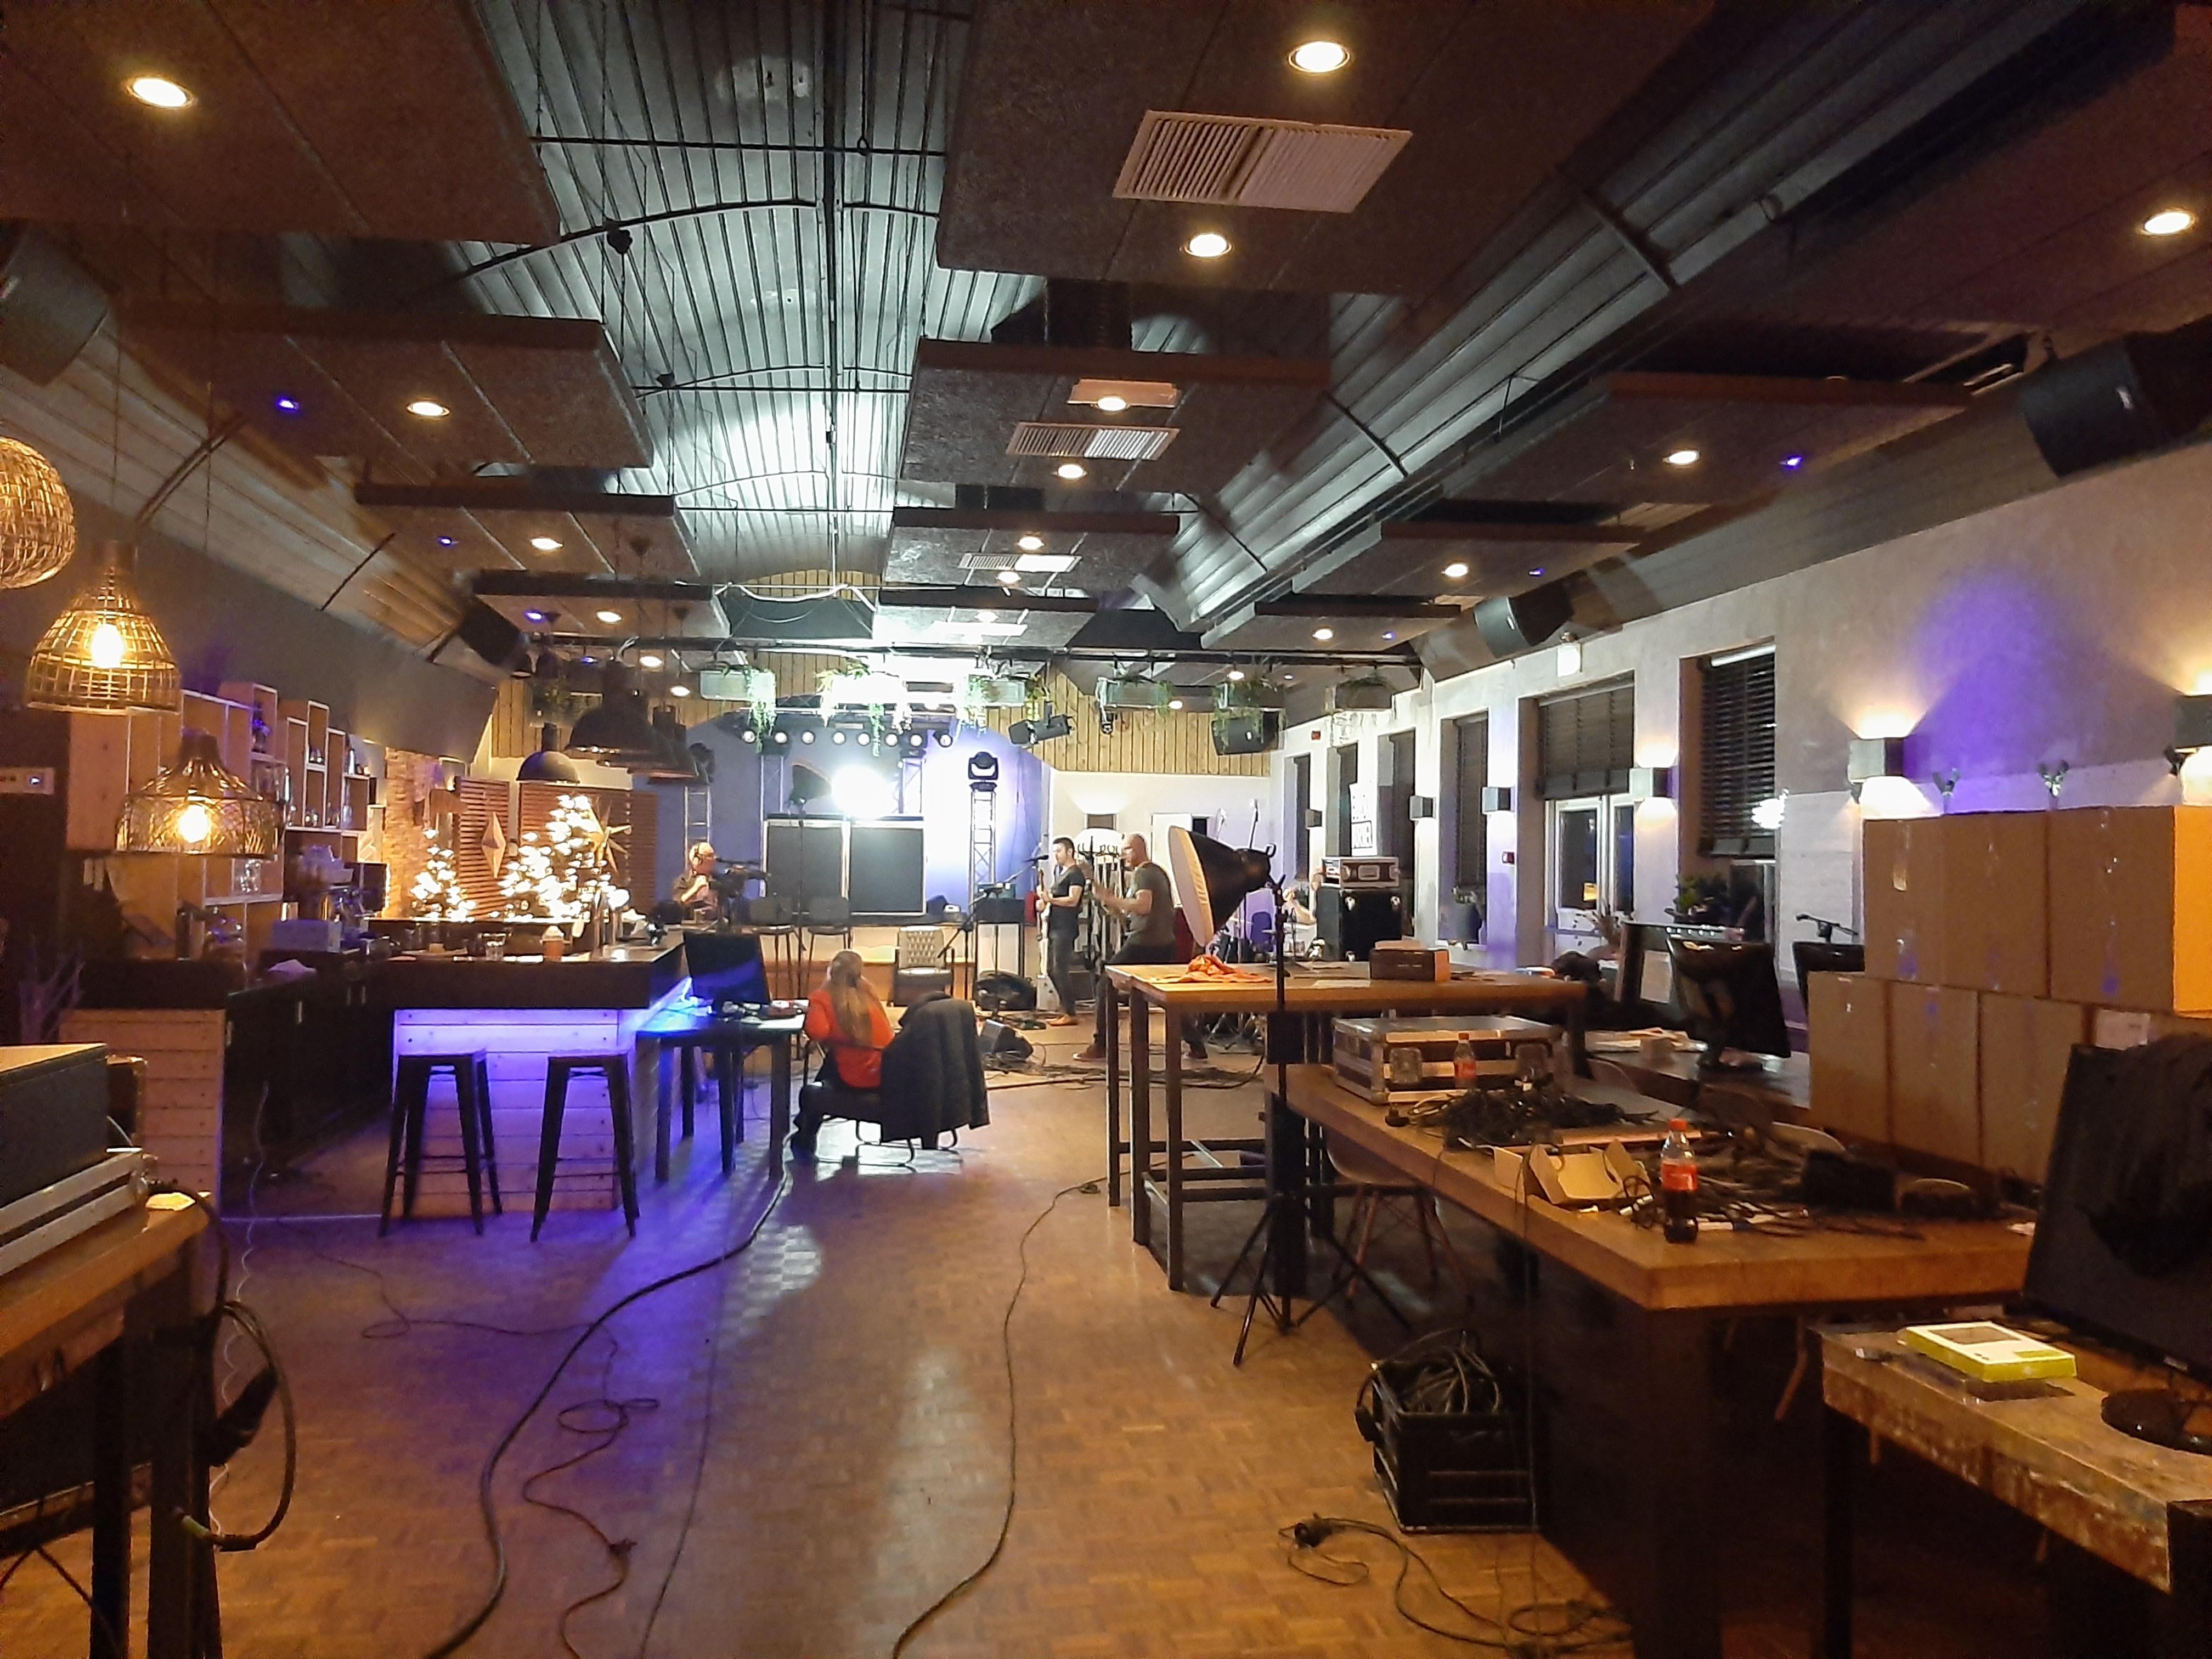 Livestream haalt al €20.000 op: 'We willen het voortouw nemen vanuit de horeca'